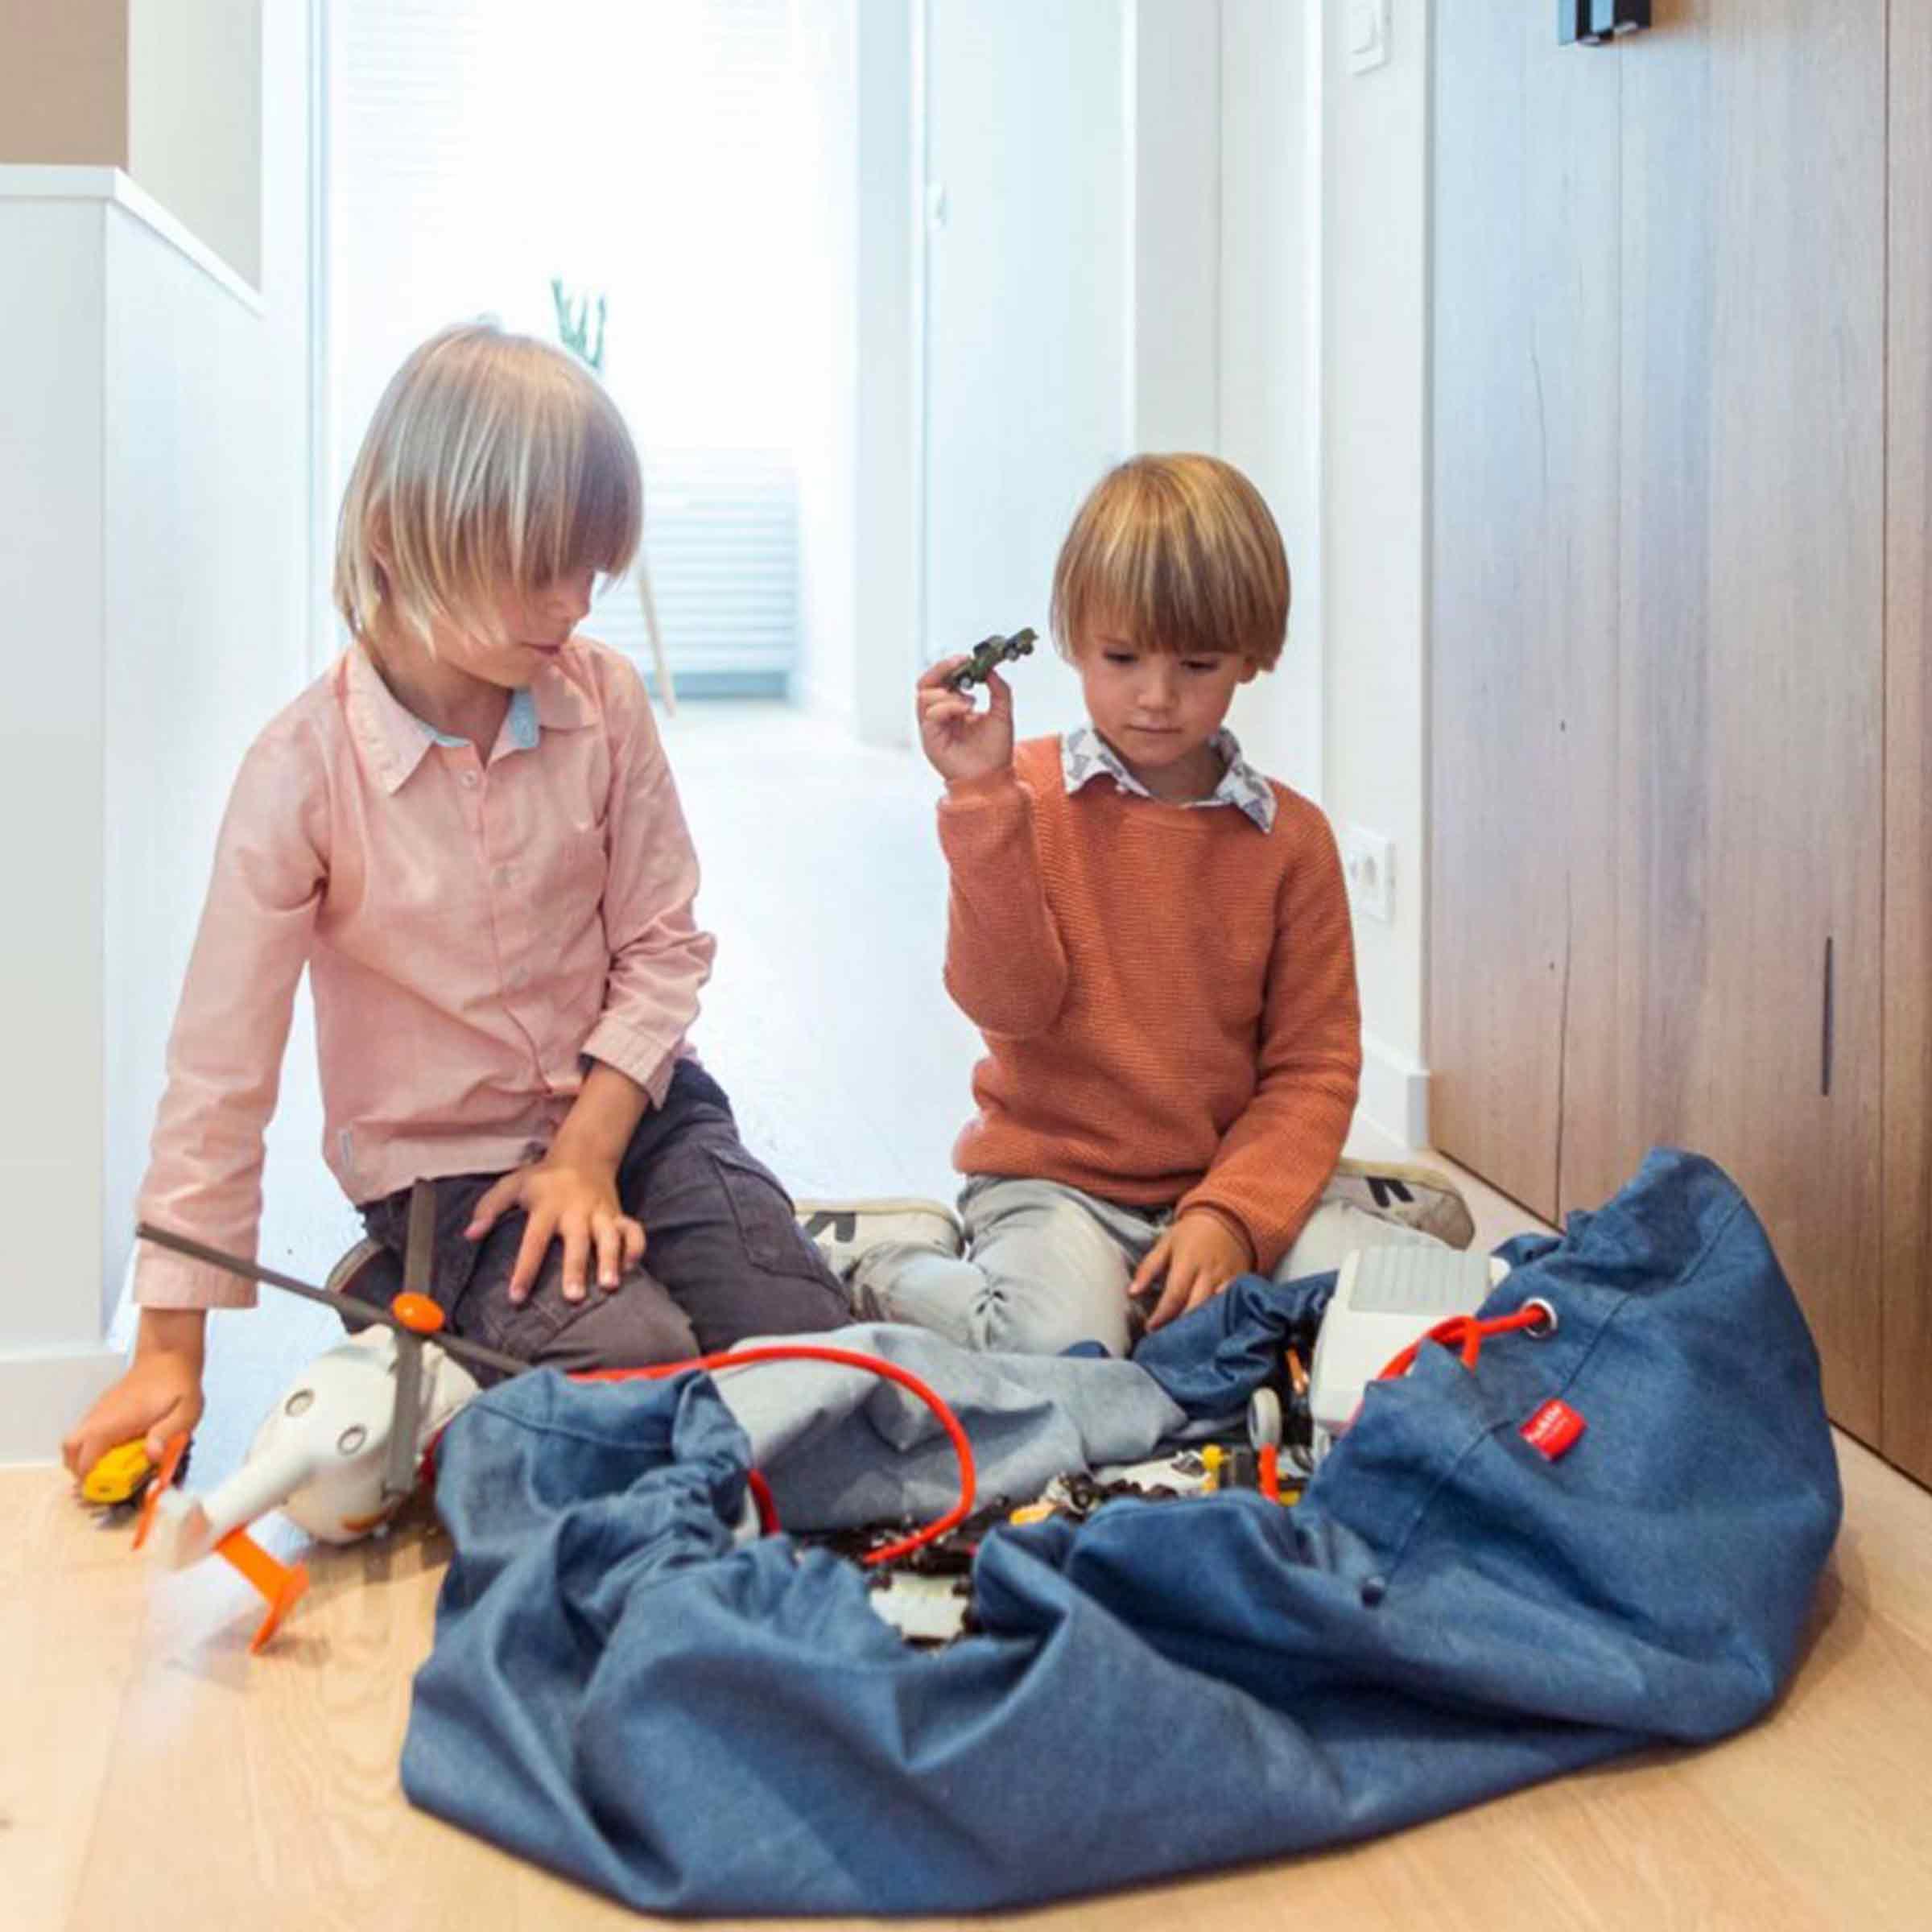 Sac de rangement tapis de jeu en tissu bleu jean avec cordon orange